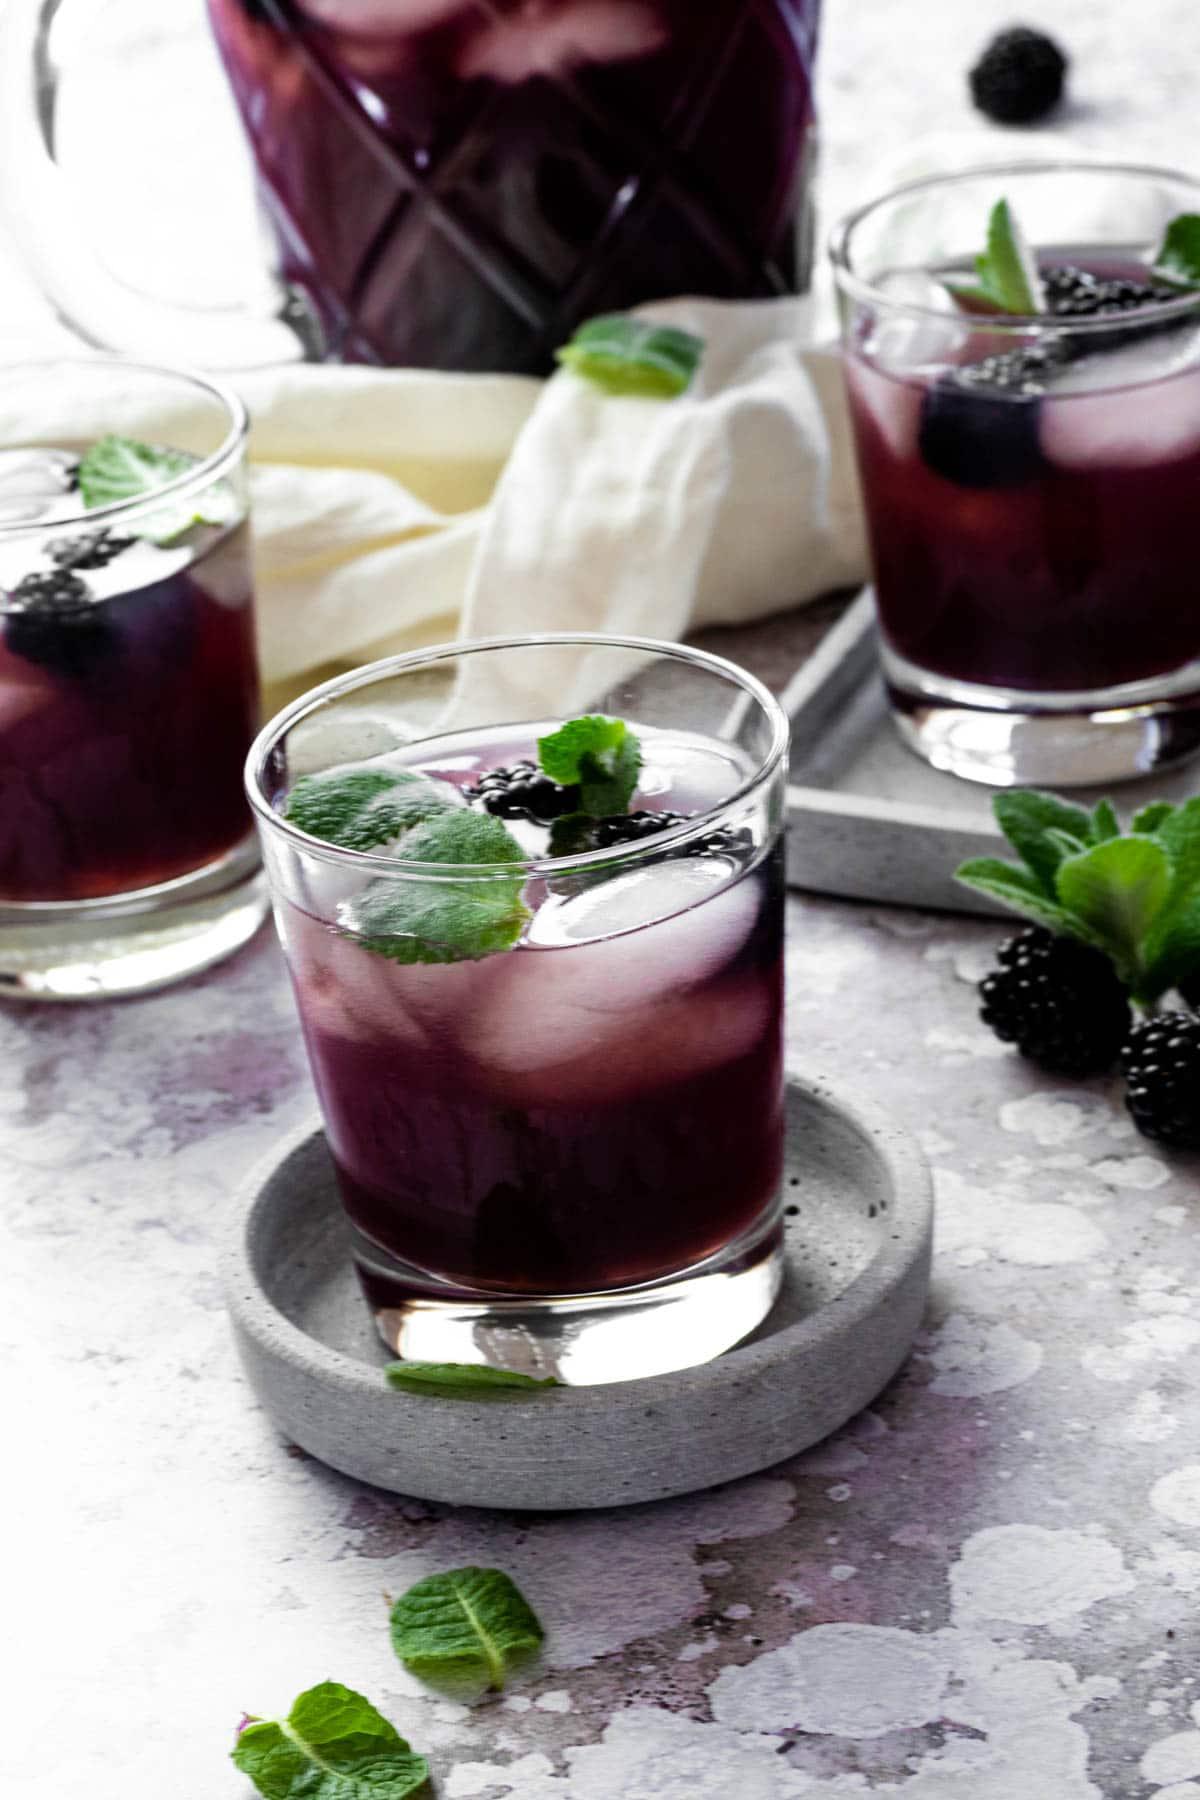 Ein Glas mit zuckerfreiem Brombeereistee auf einem Servierteller mit Gläsern und Krug im Hintergrund.